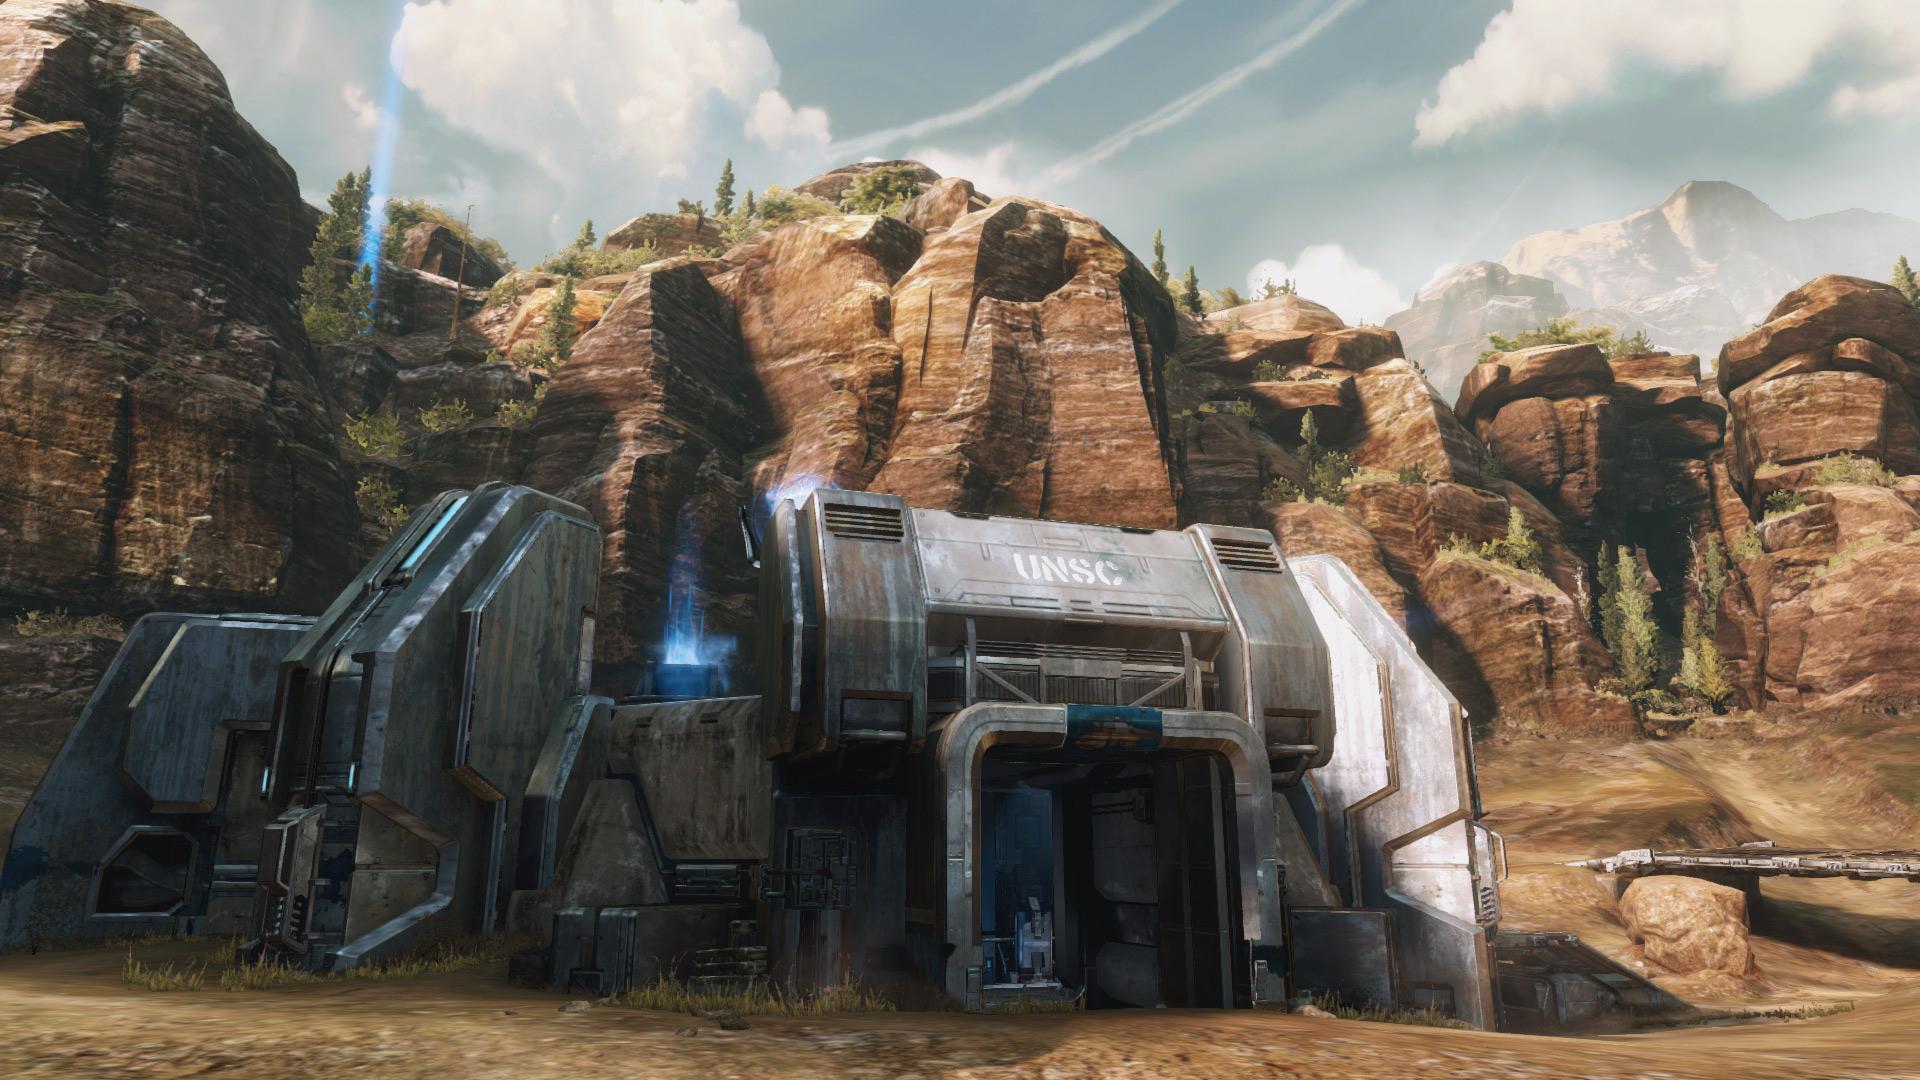 Coagulation mapa z Halo 2 bude v remaku přepracovaná 101683